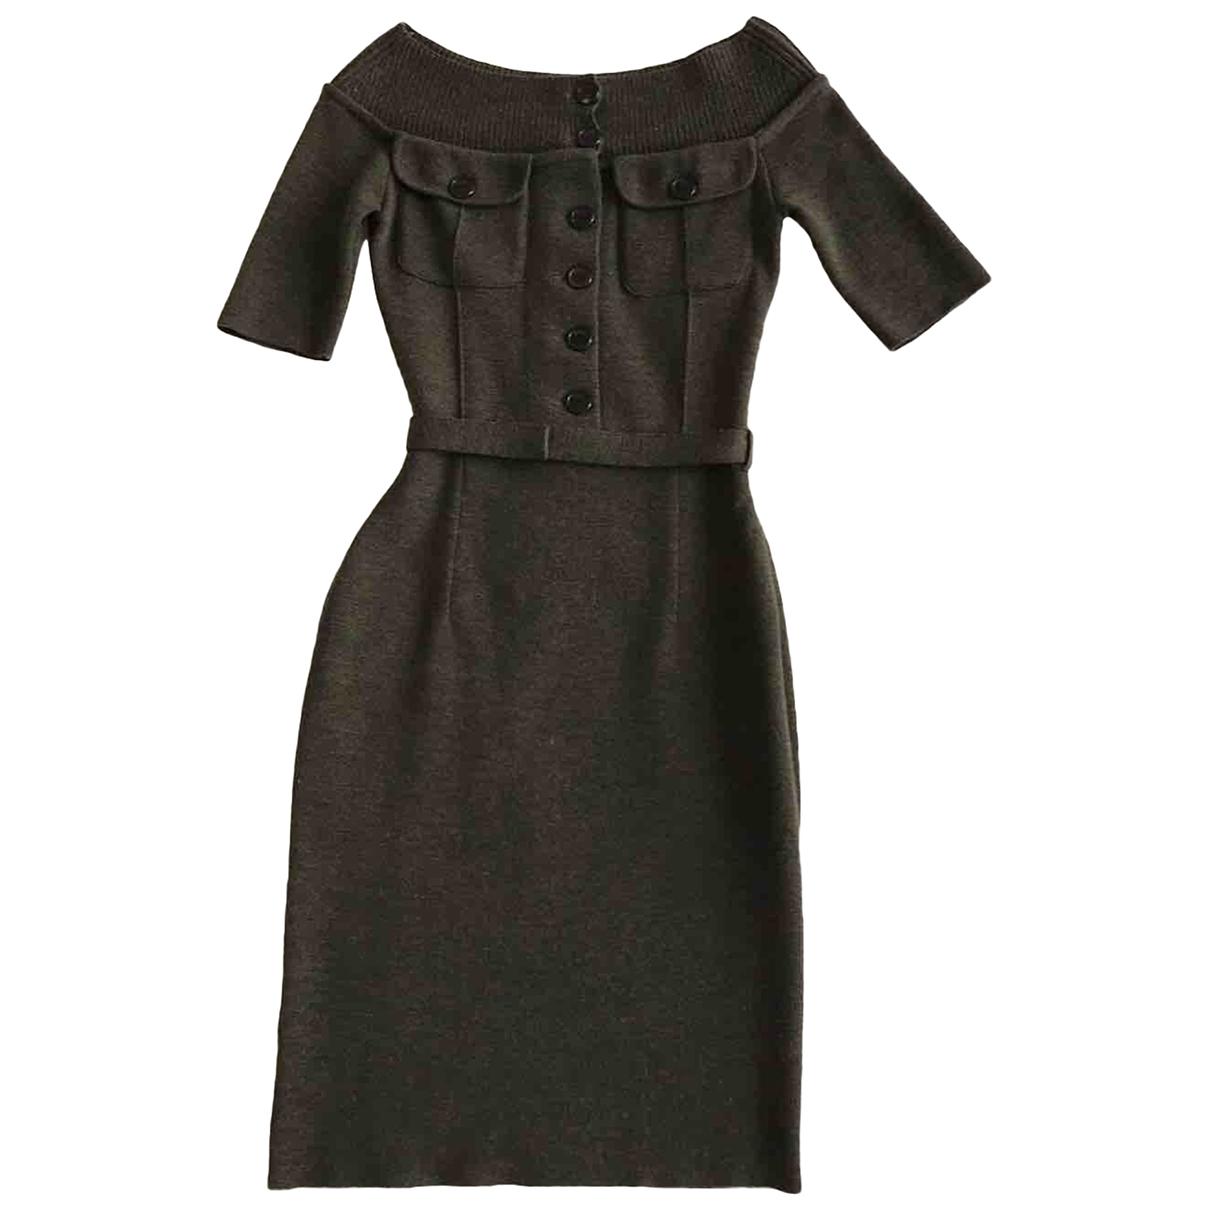 Dior \N Kleid in  Khaki Wolle